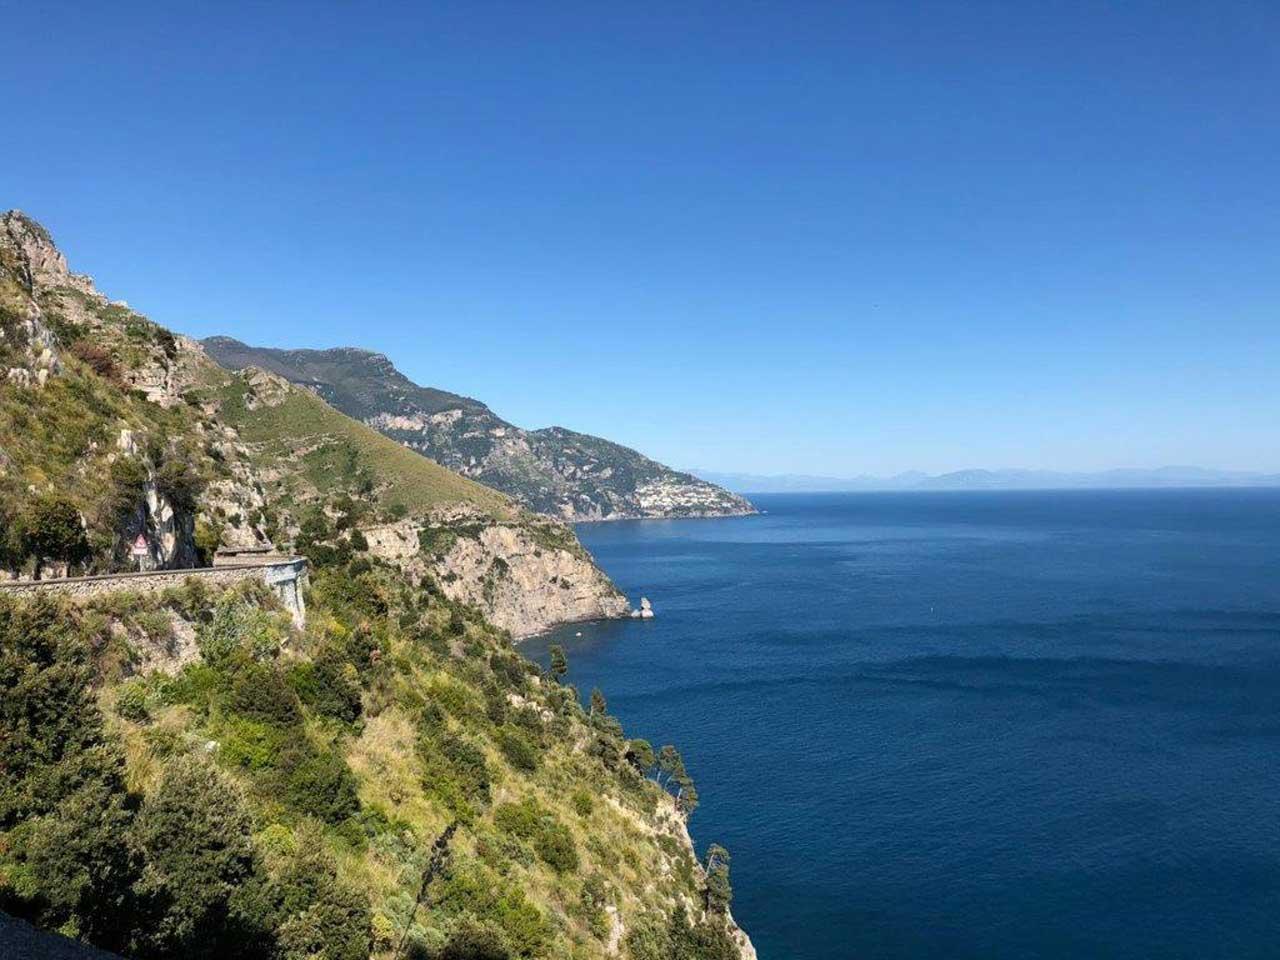 Amalfi Coast Scenic 163 Route